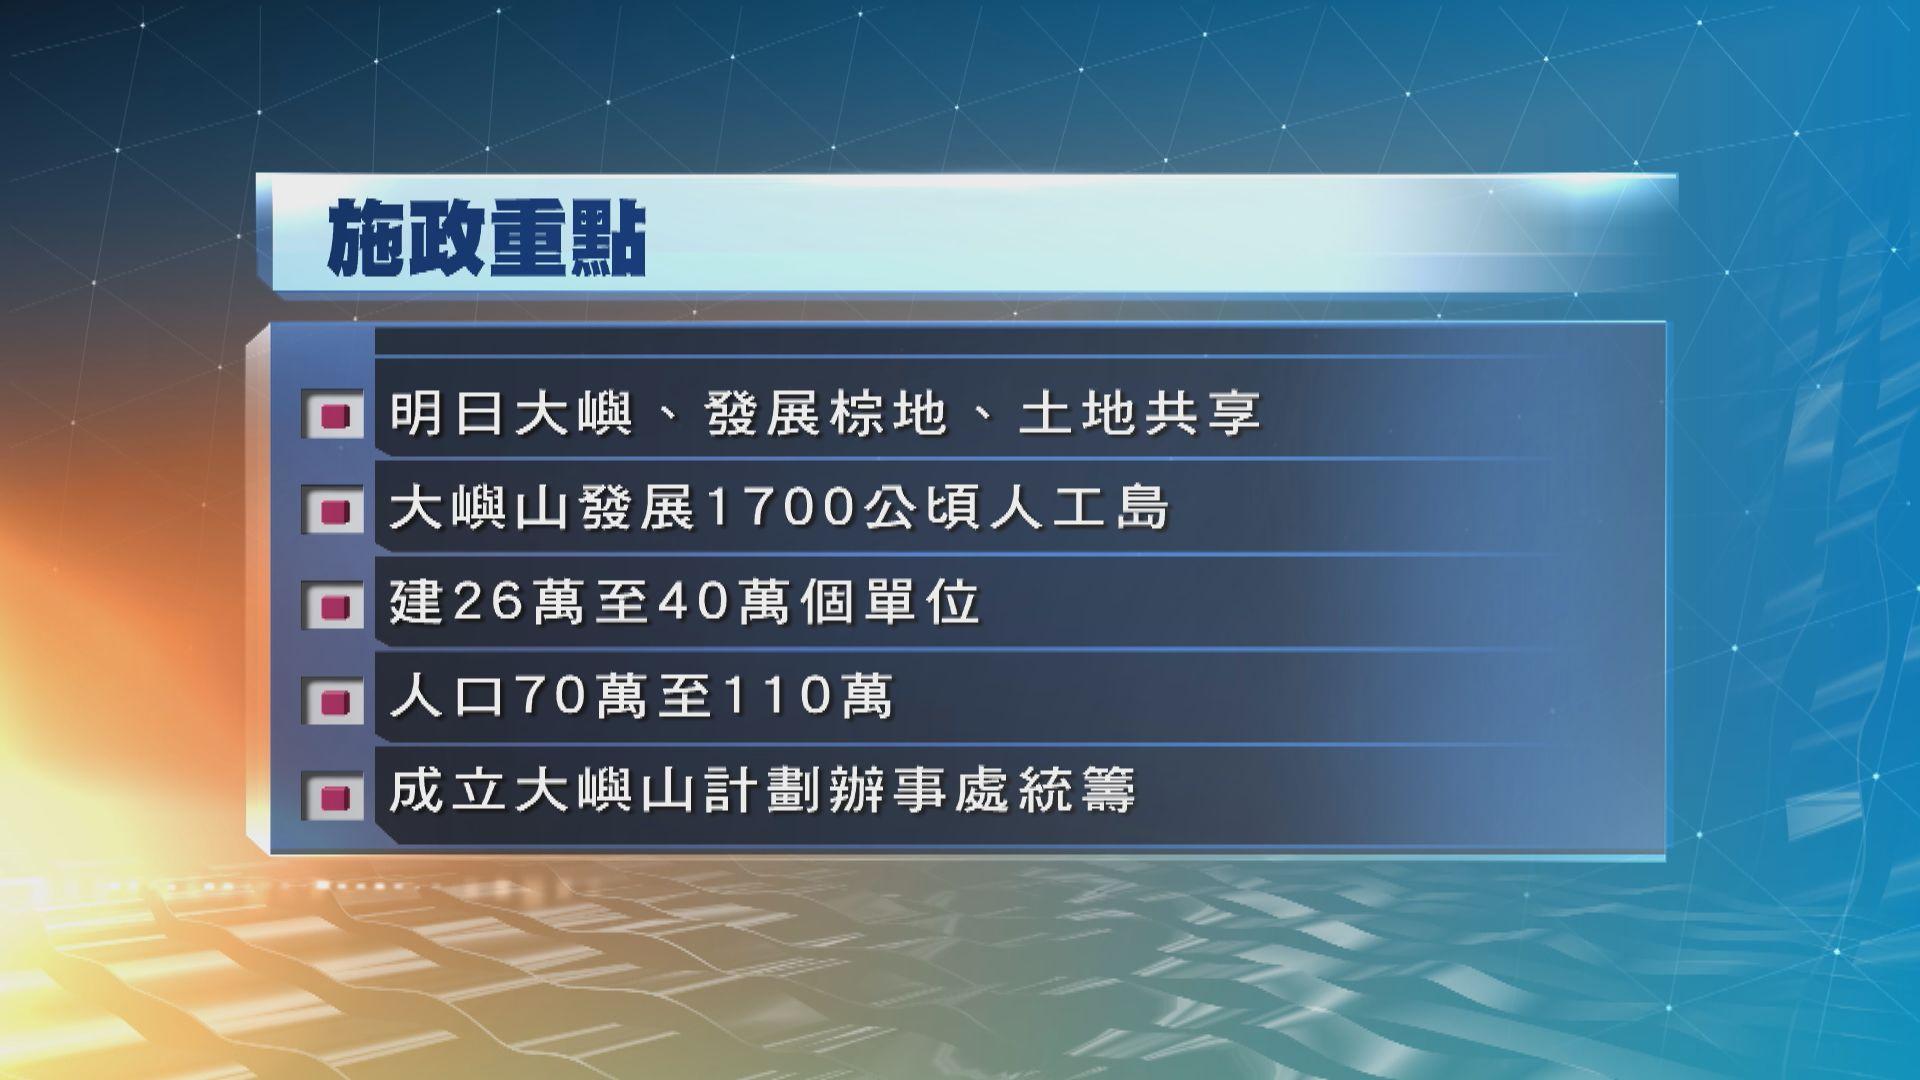 【施政報告】林鄭第二份施政報告推多項土地供應計劃